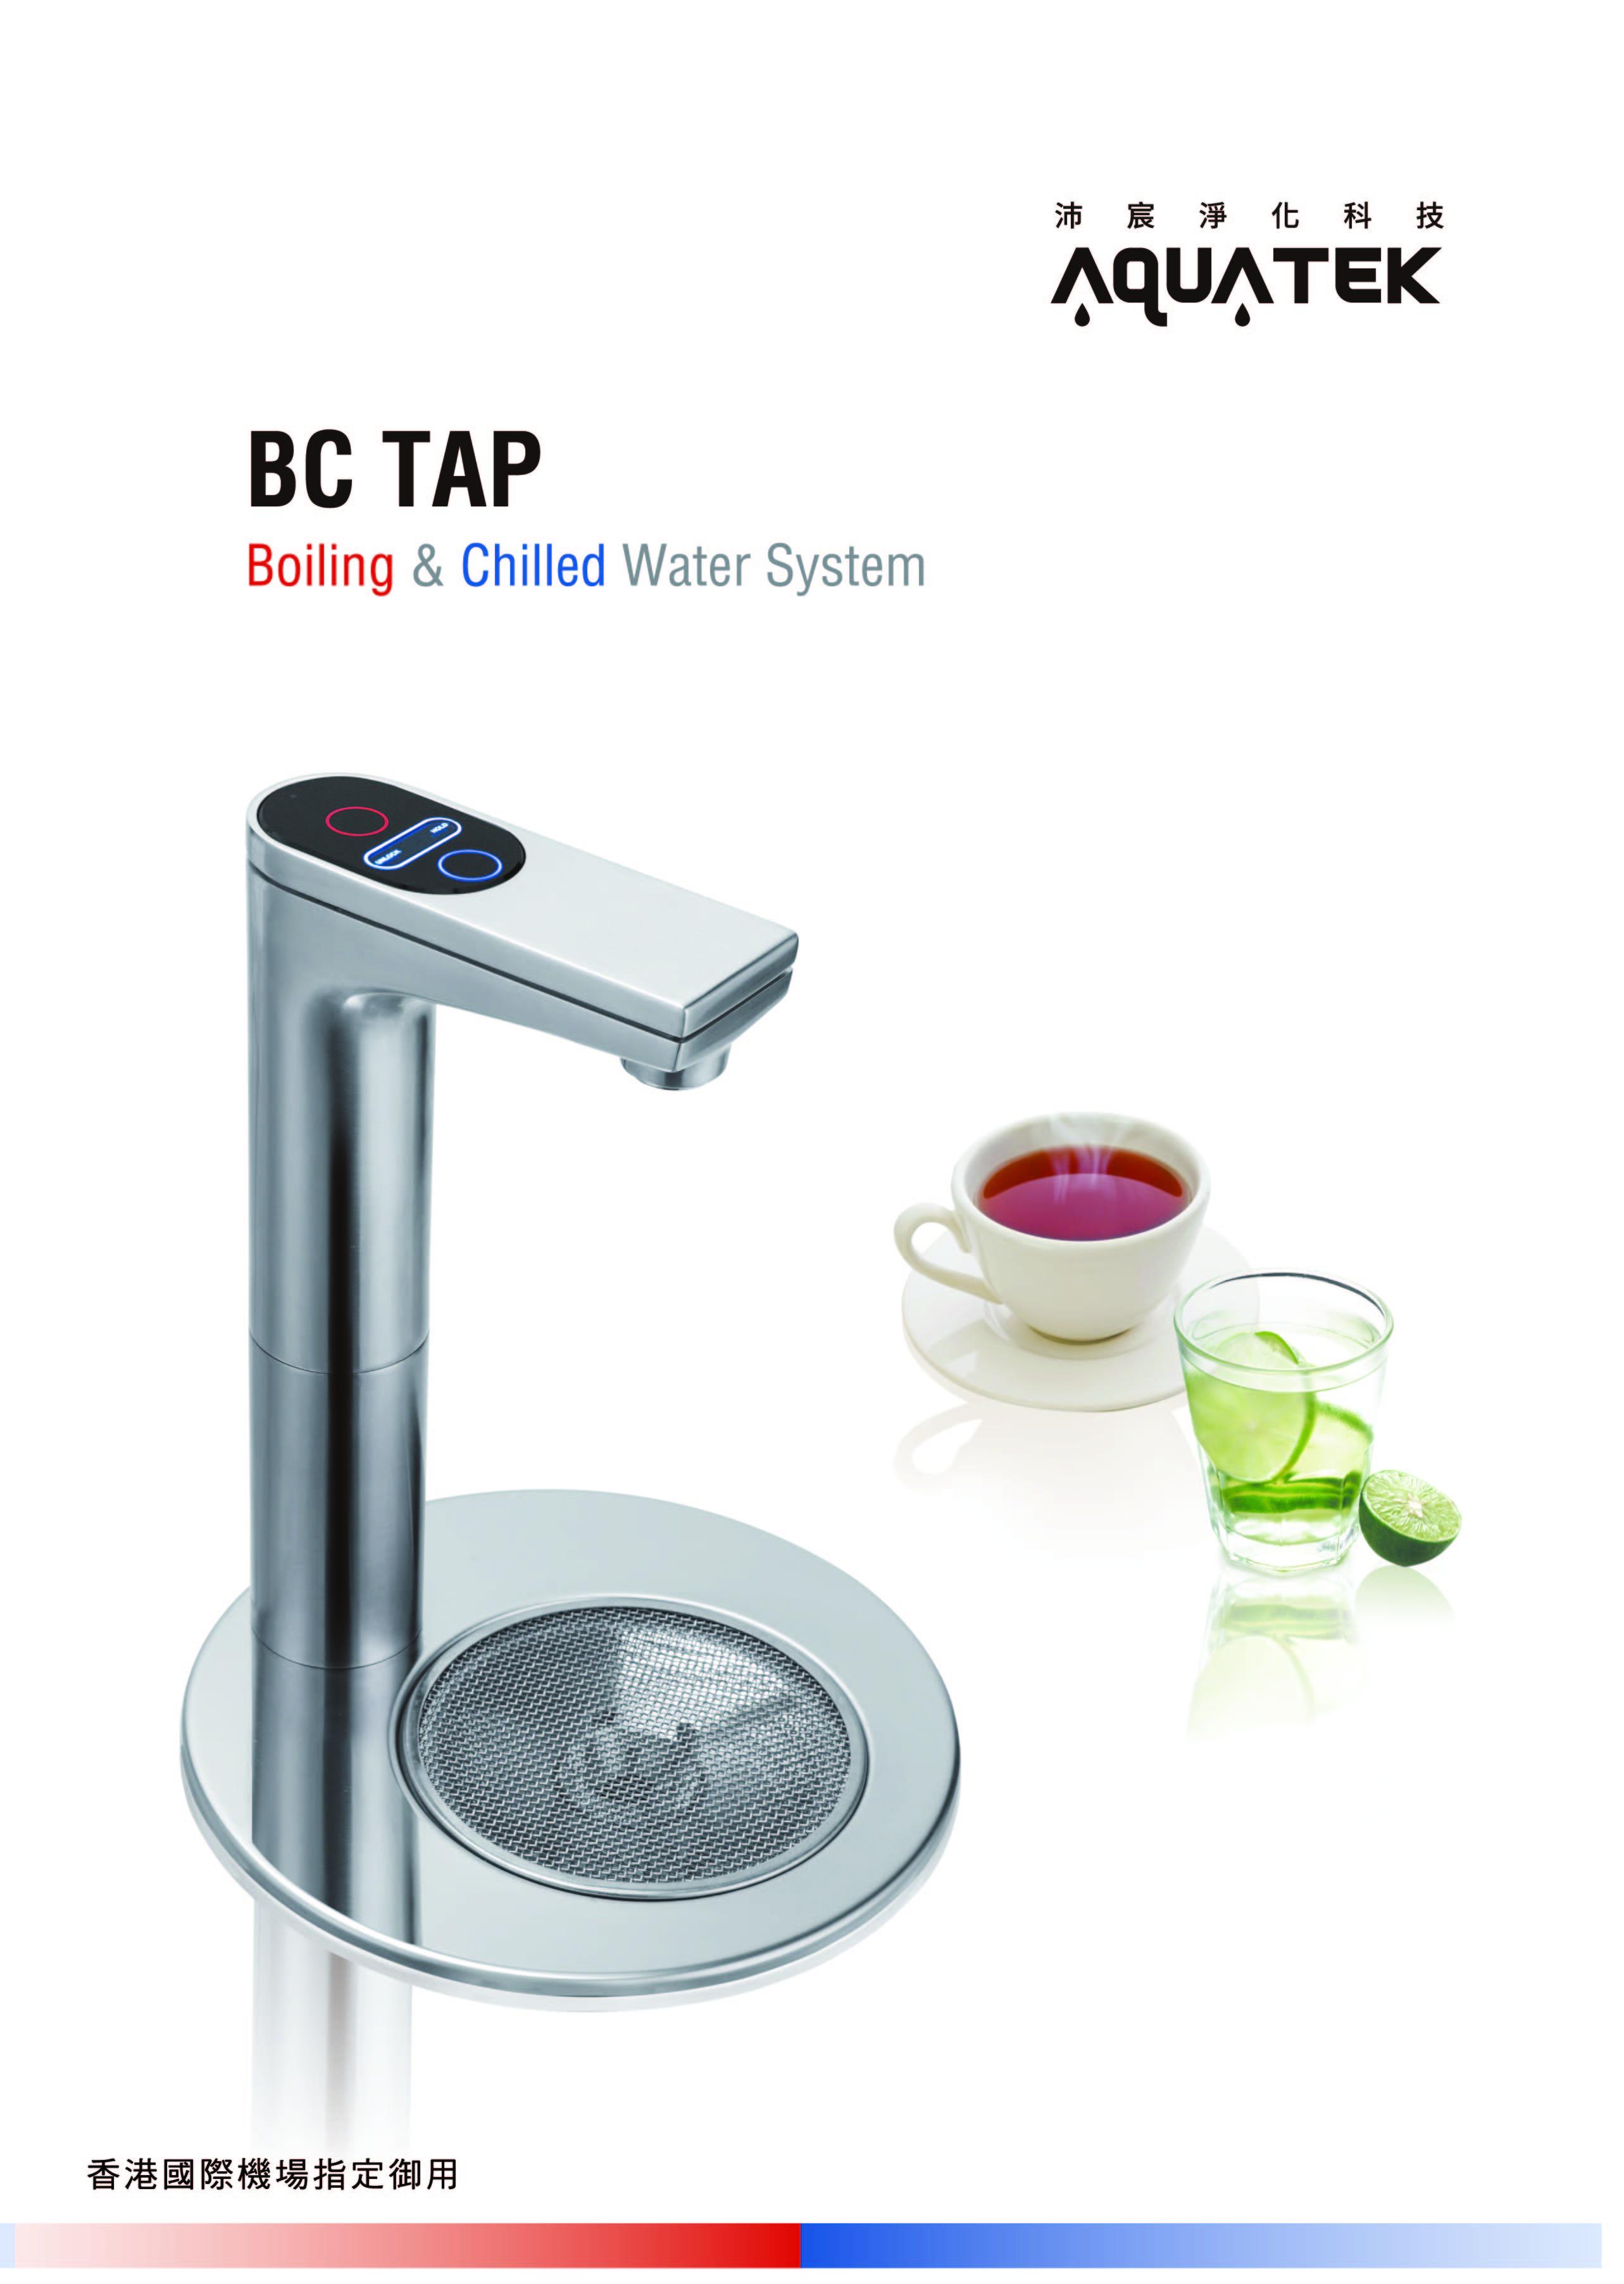 厨下饮水机BC TAP